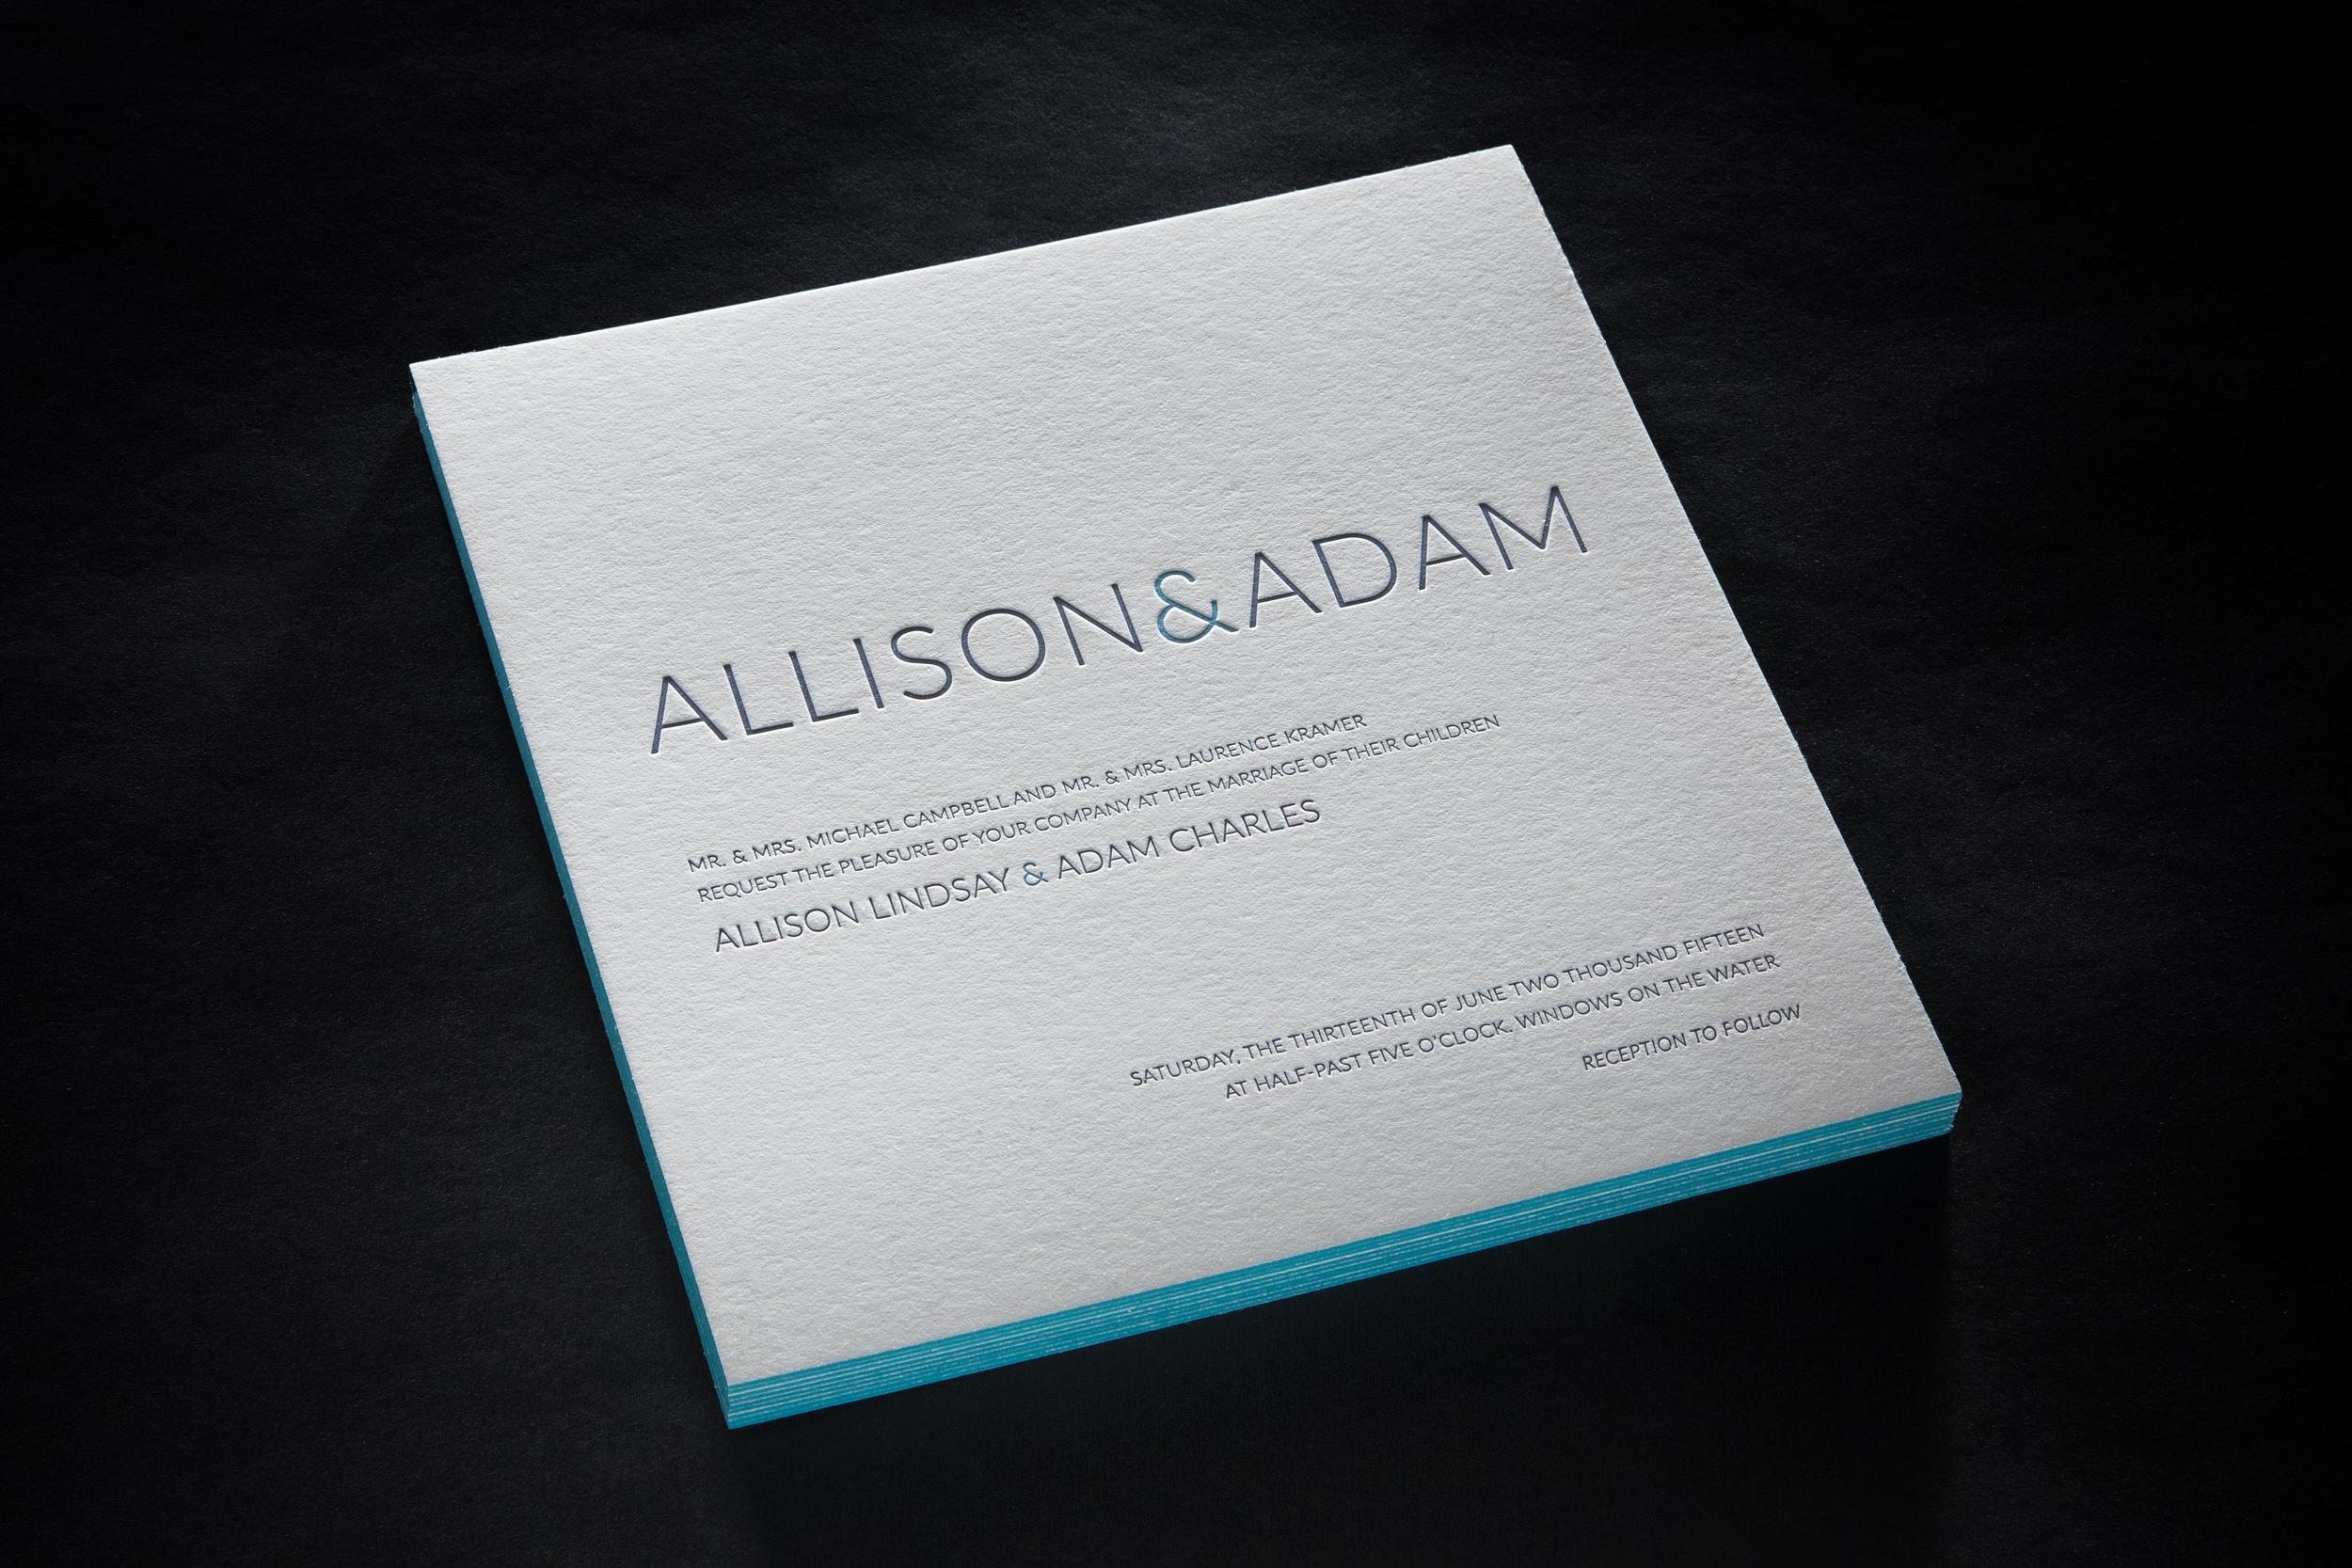 ALLISON & ADAM